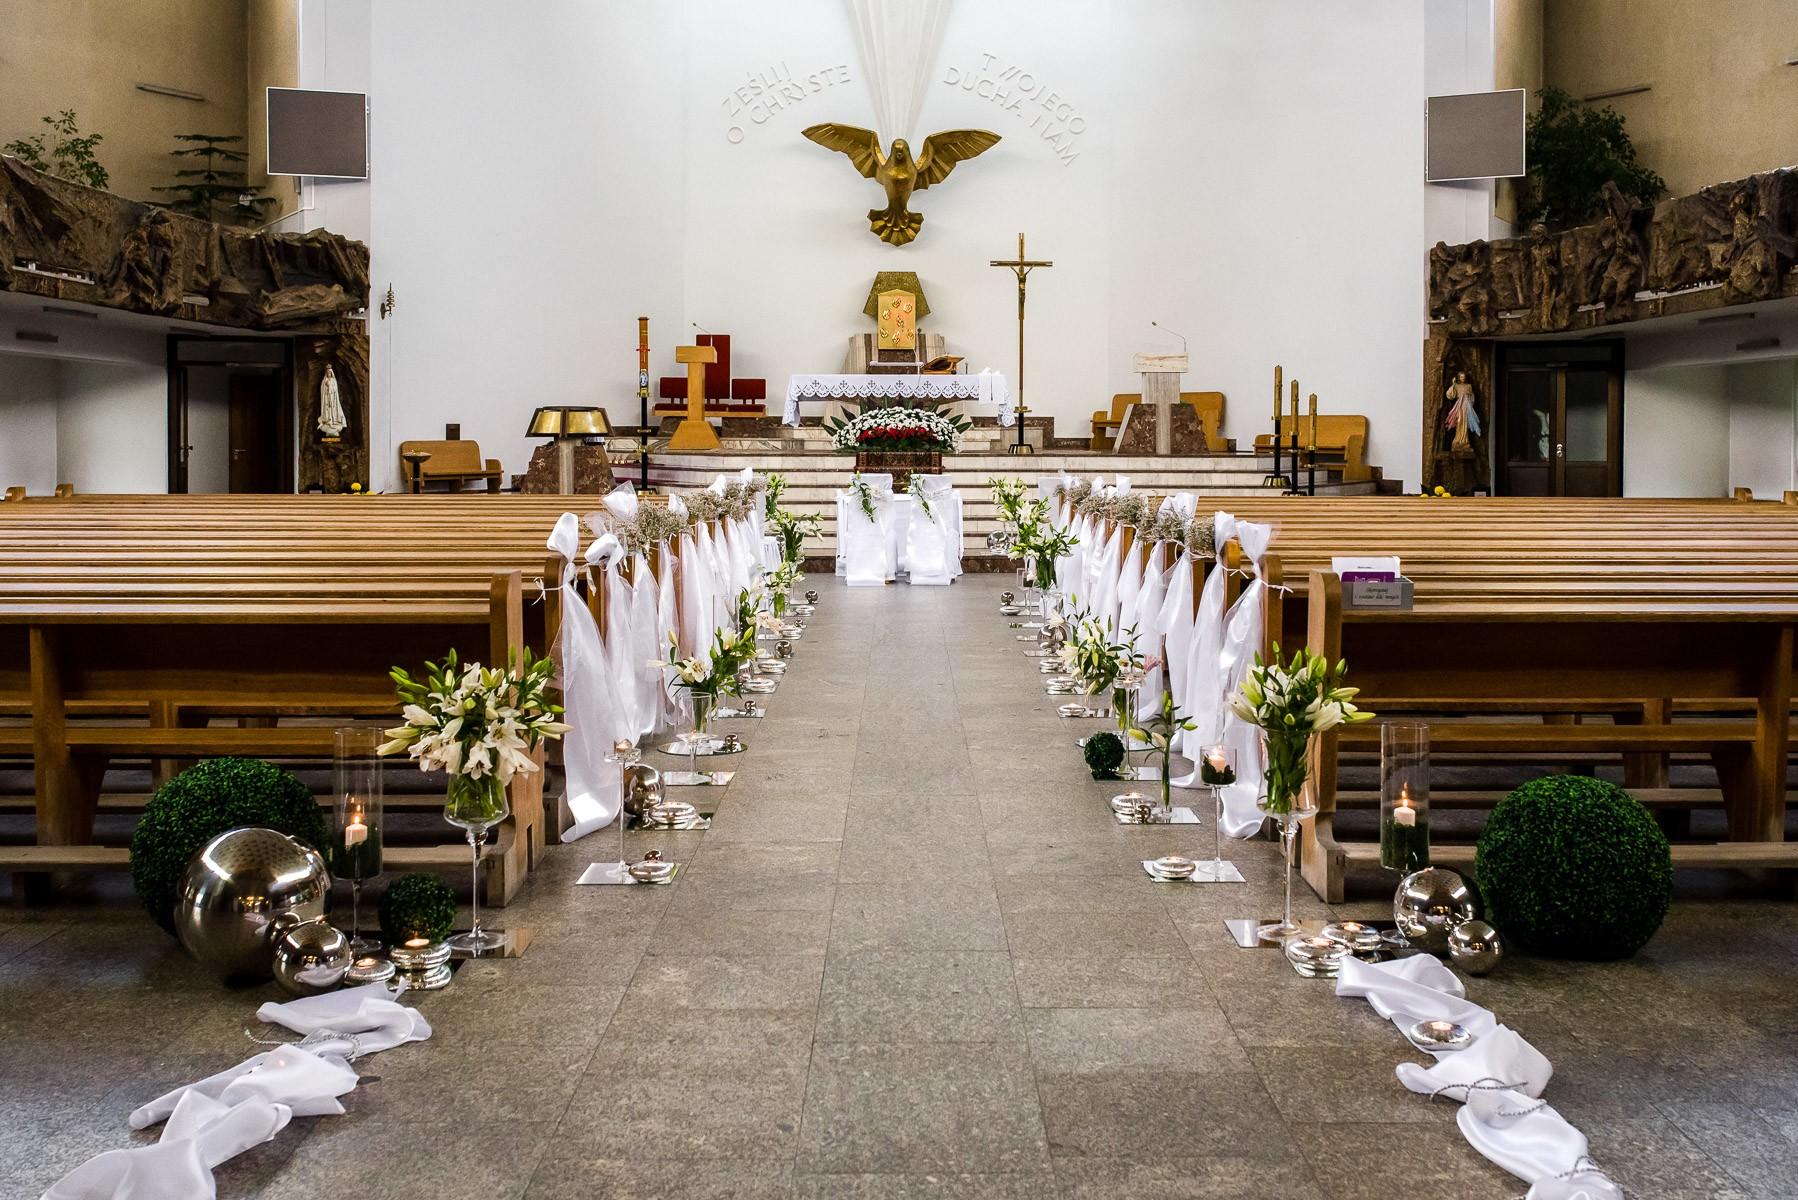 dekorowanie kościoła do ślubu